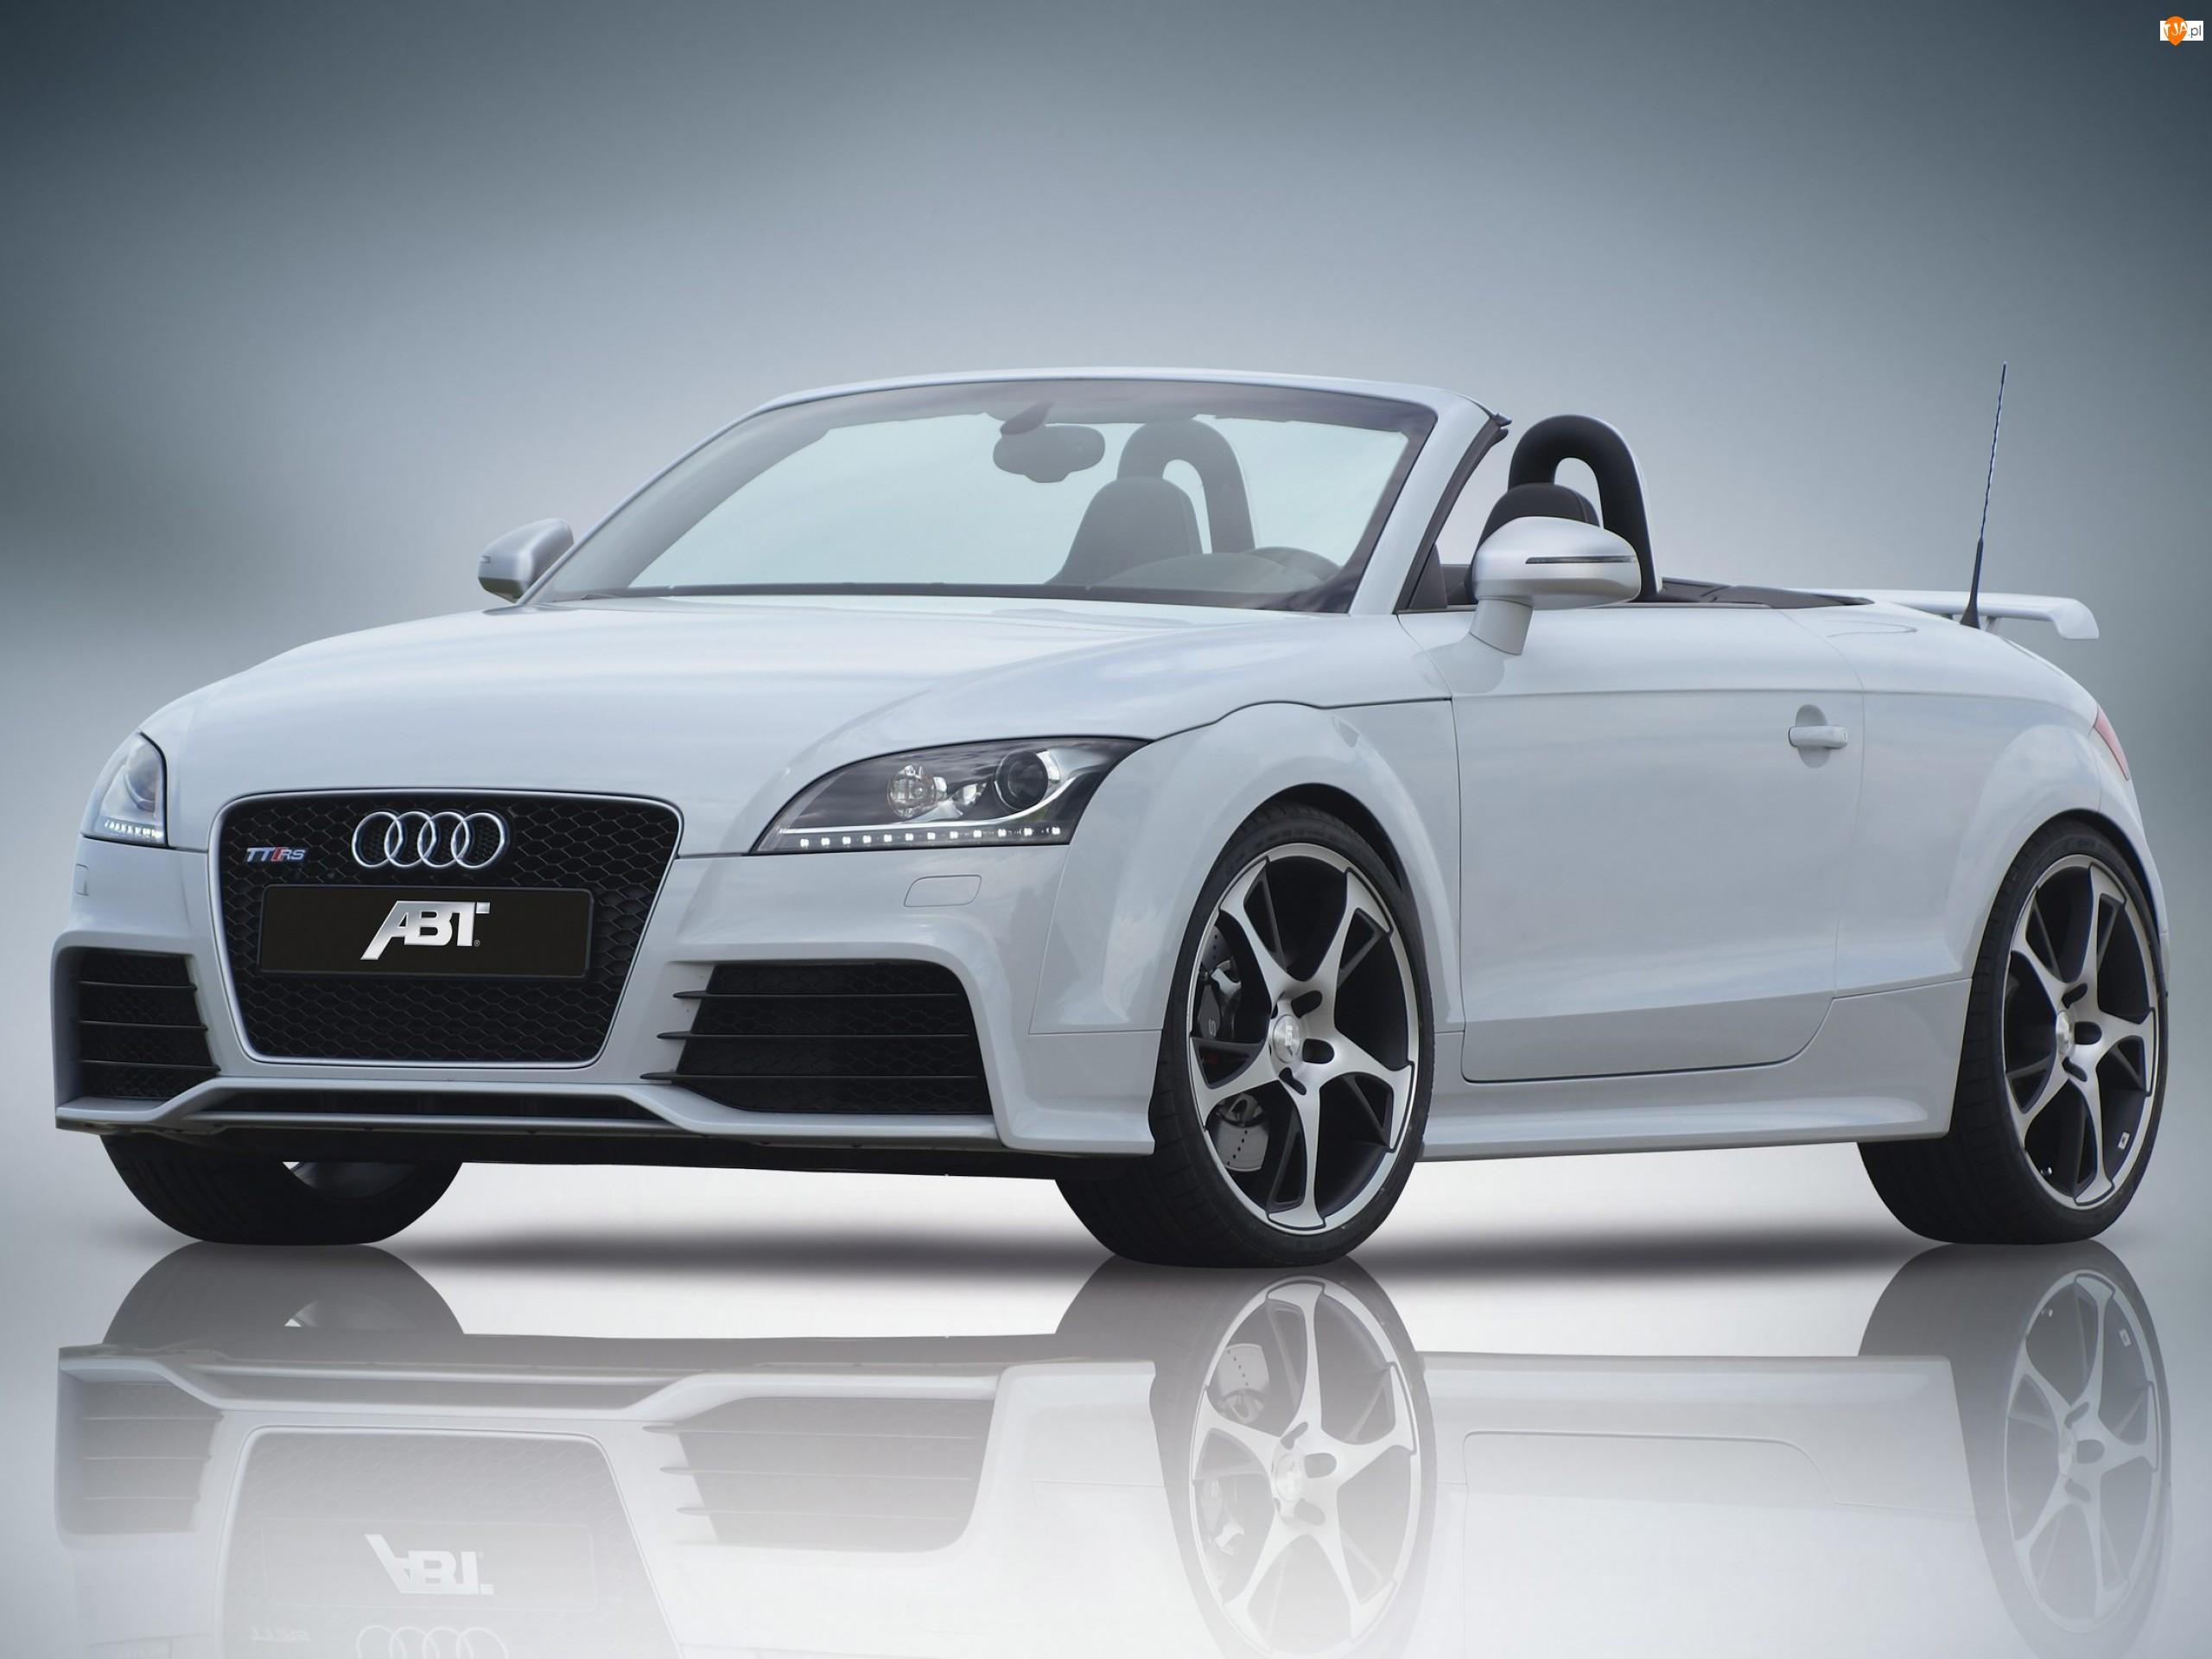 Audi TT, RS